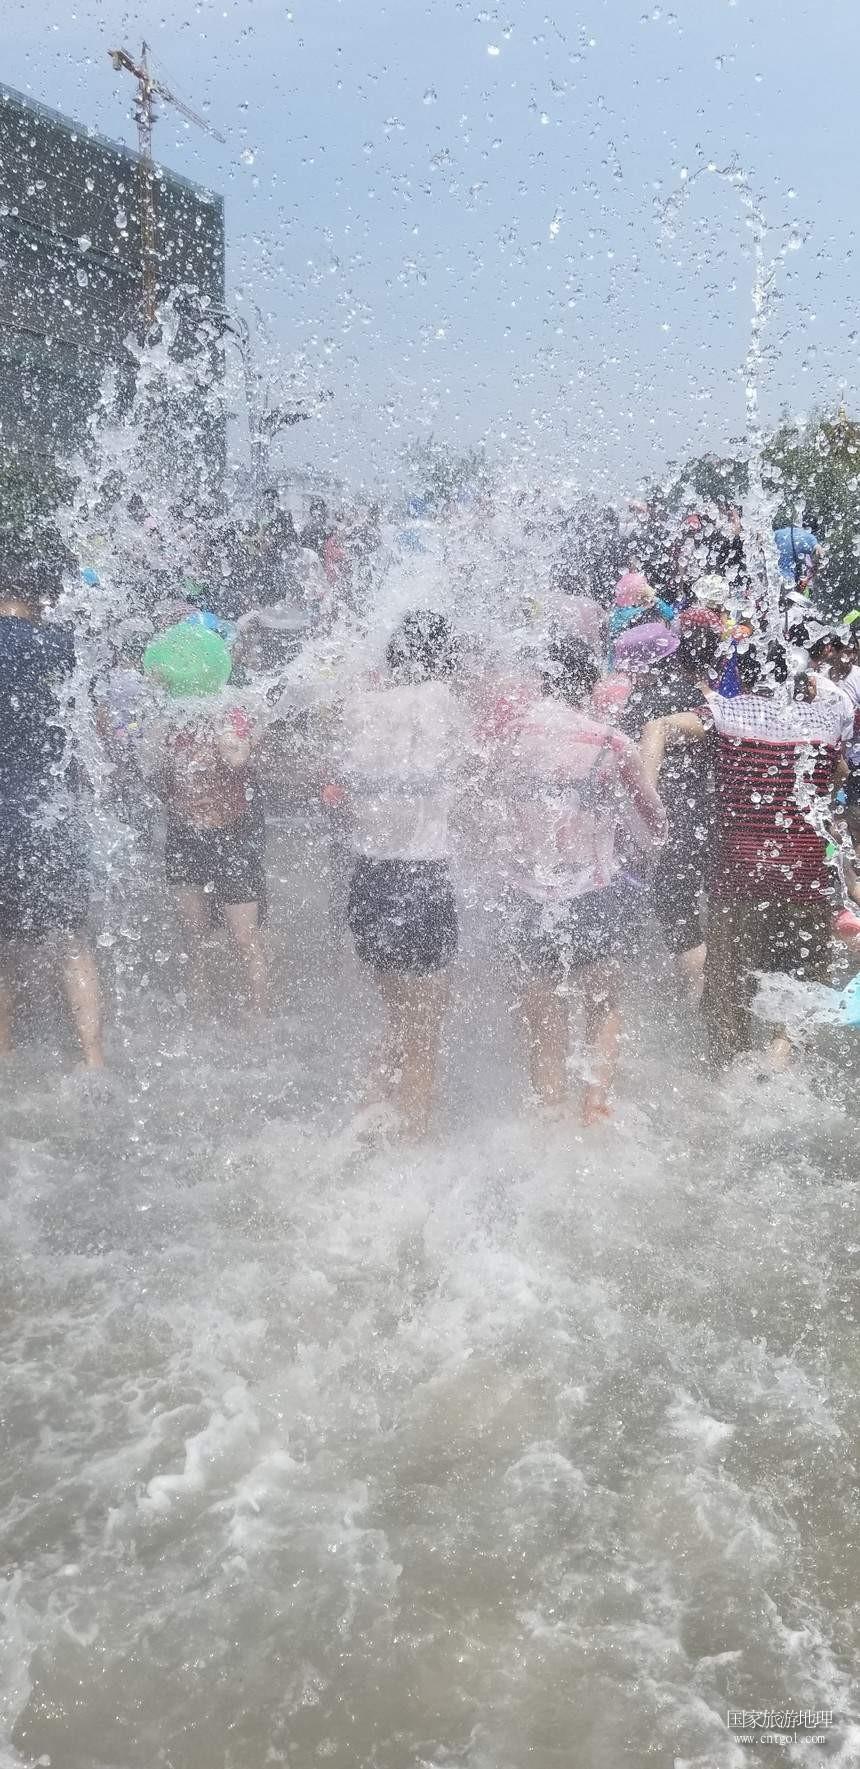 今天(4月15日),一年一度的泼水节泼水活动在云南西双版纳傣族自治州景洪市举行,吸引了数万民当地居民和游客参与。据悉,当地各县市乡村群众也自发在当地进行了这一传达吉祥如意、饱含对亲友祝福的泼水活动,几乎万人空巷,全民参与。这是民众在设于景洪市区泼水活动现场欢快泼水,。